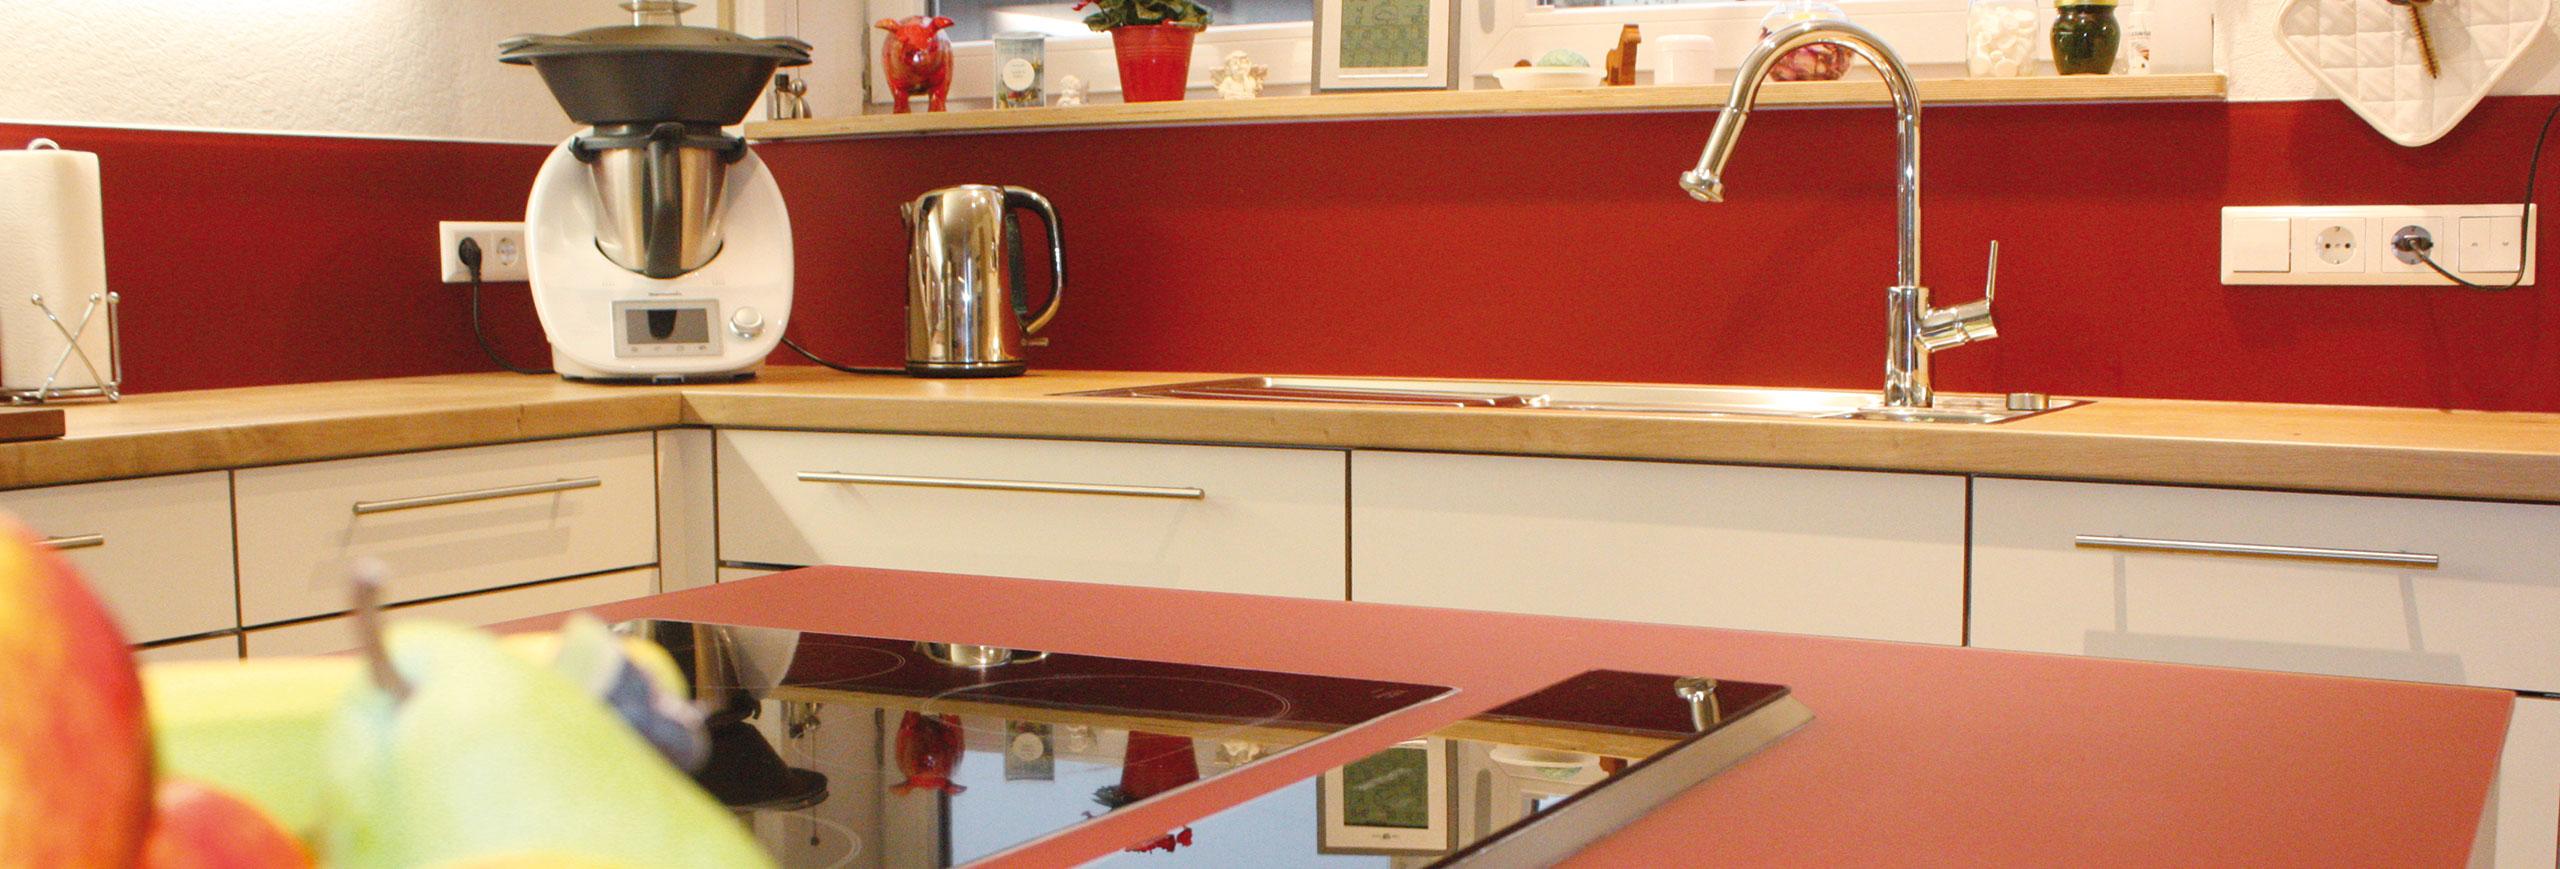 weiß/rot + Kücheninsel » Möbelwerkstatt Boos